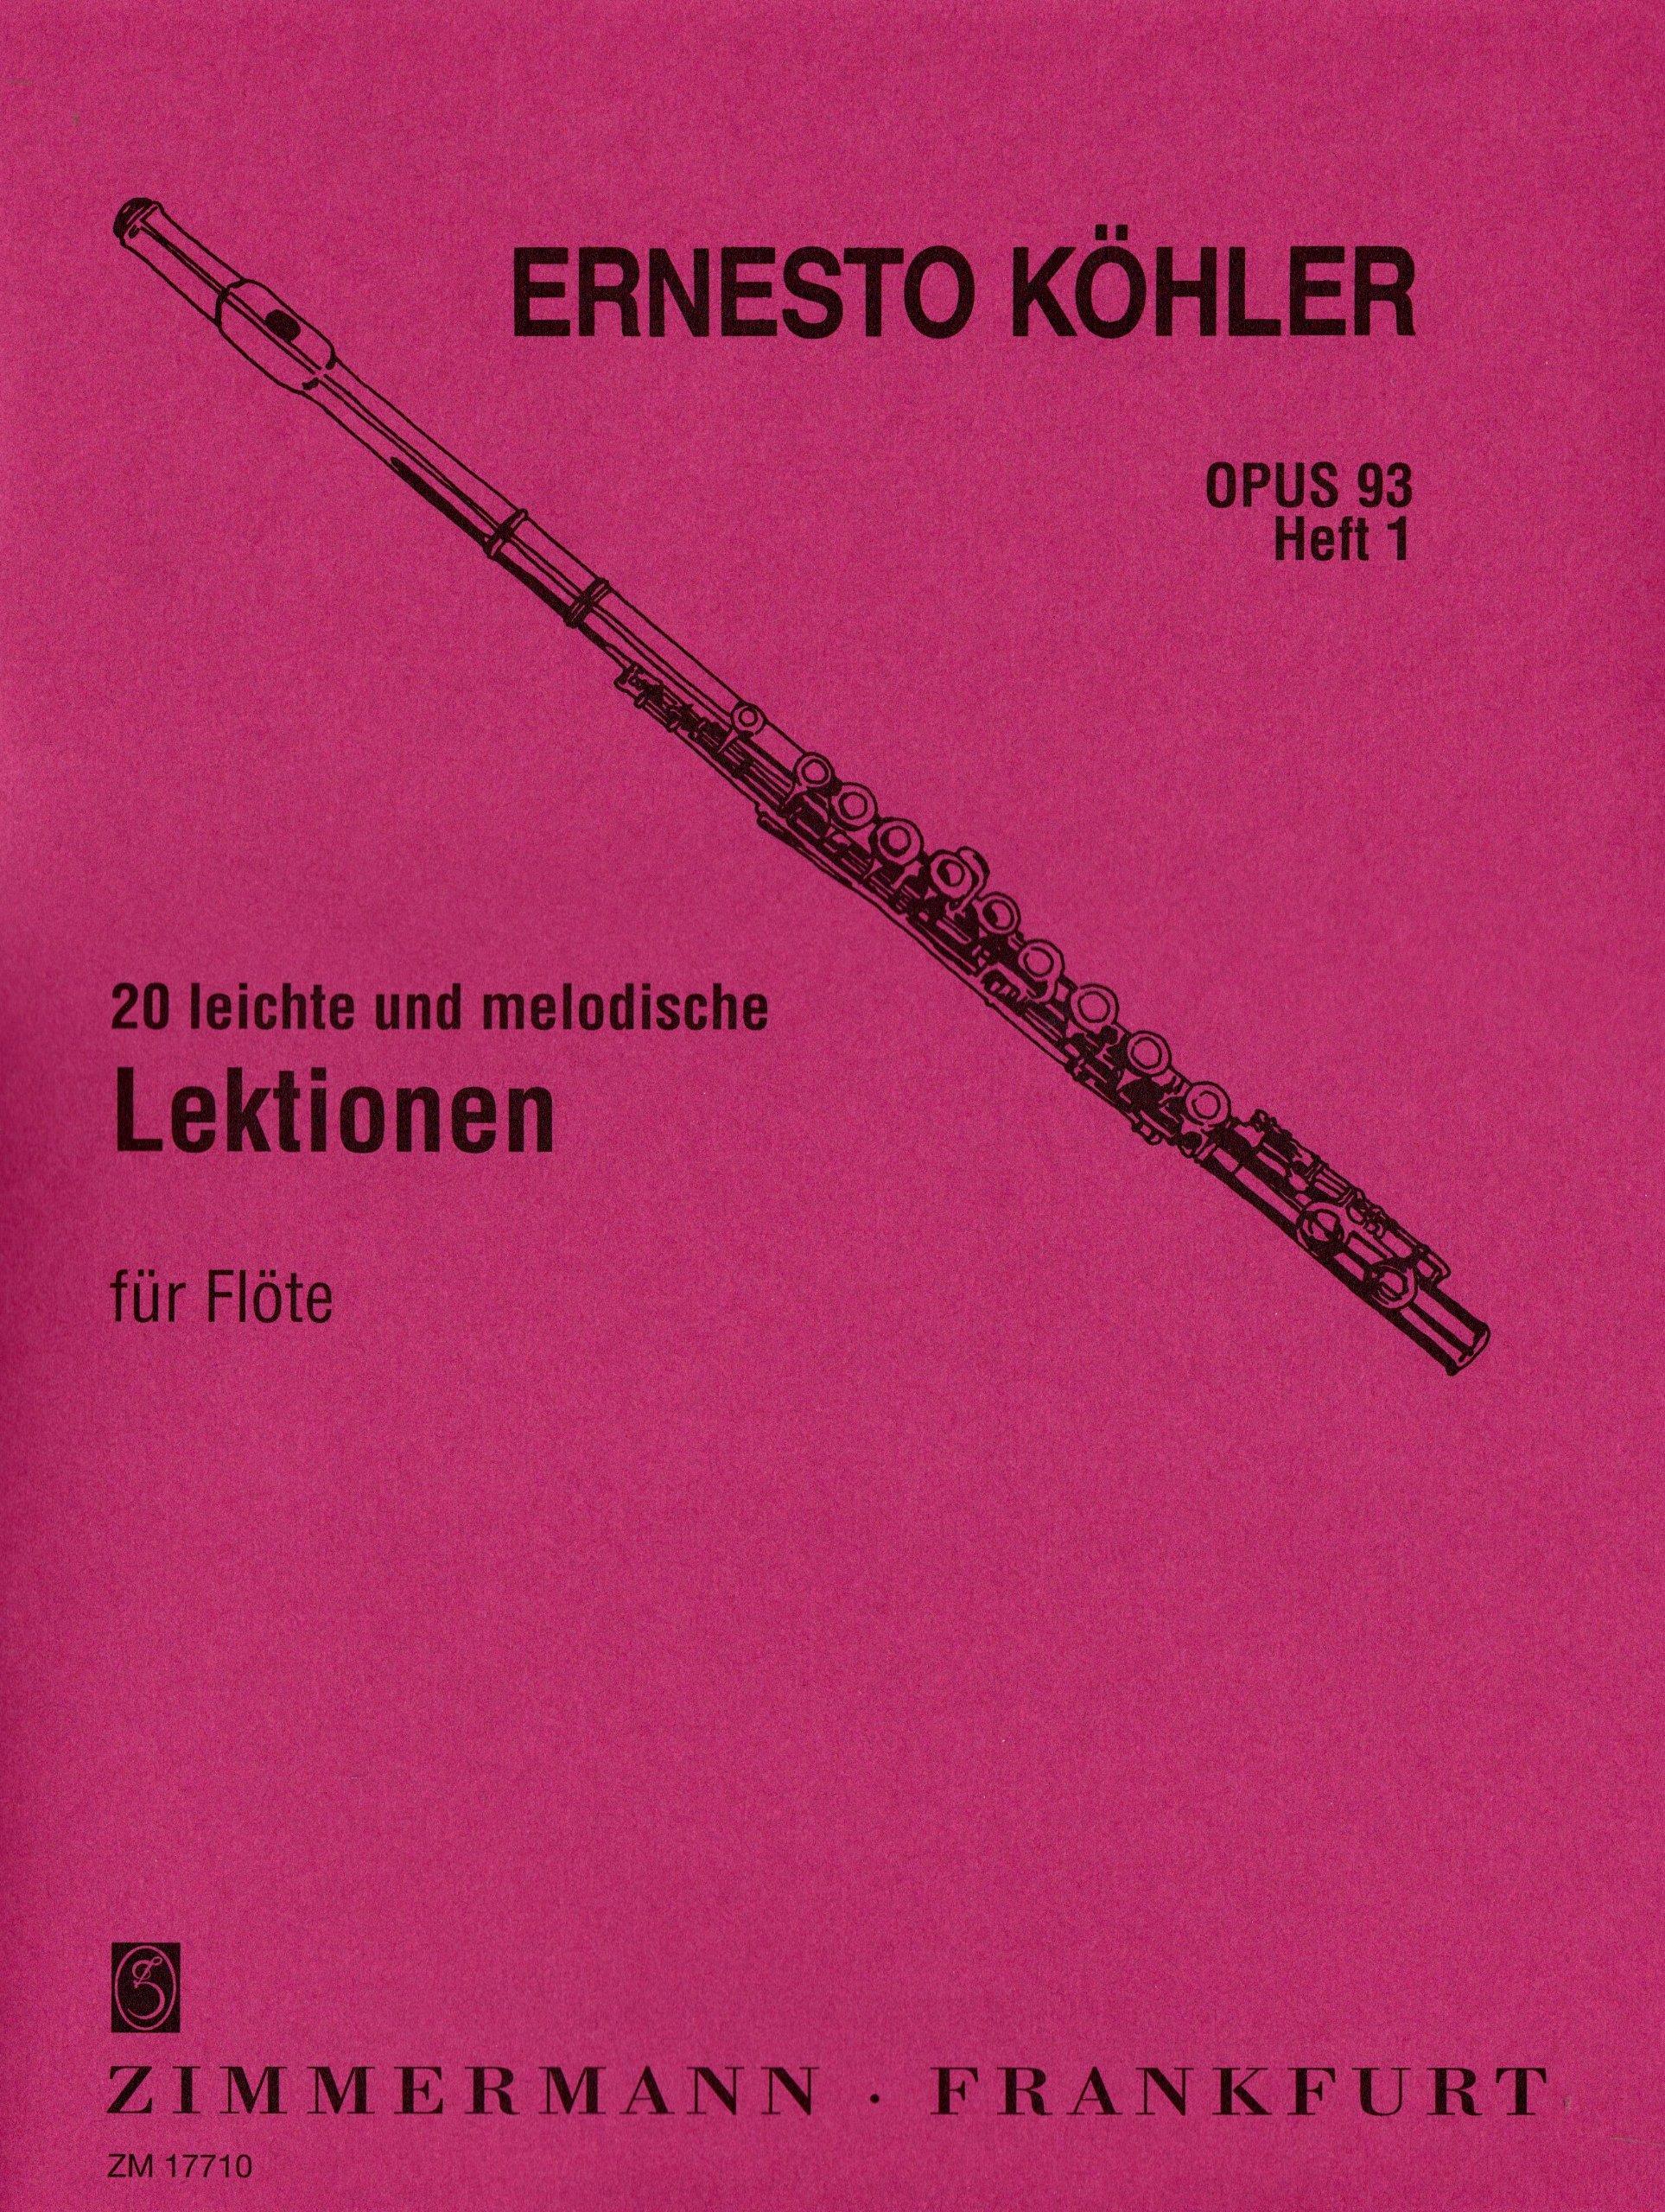 20 leichte und melodische Lektionen: in fortschreitender Schwierigkeit. Heft 1. op. 93. Flöte. Musiknoten – 1. Januar 1905 Ernesto Köhler B00006LT6P Musikalien Klassik